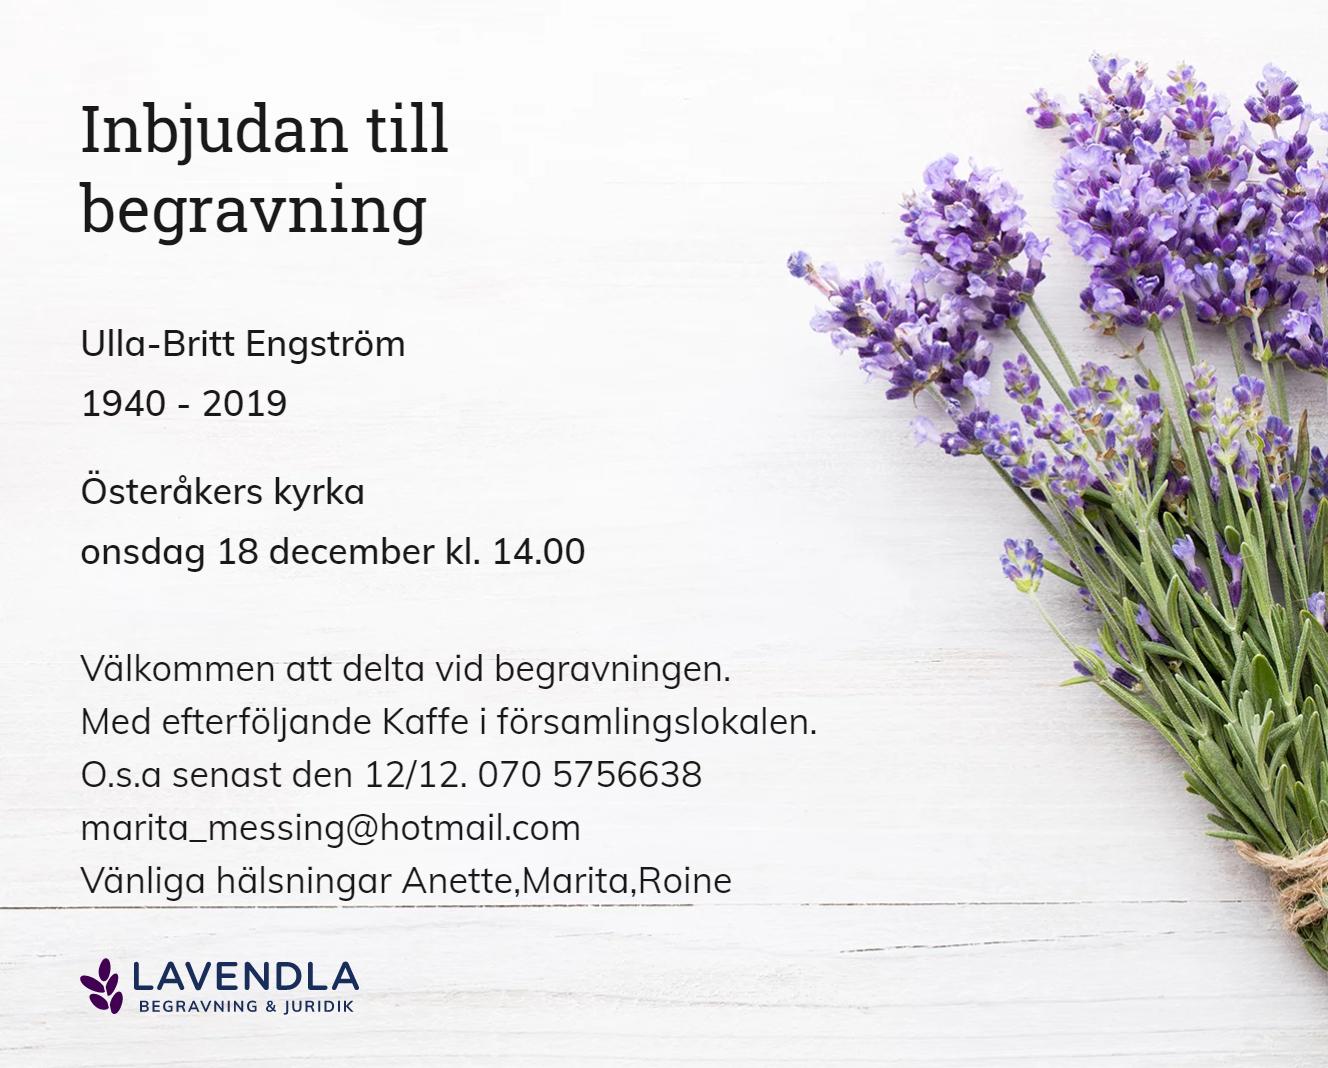 Inbjudningskort till ceremonin för Ulla-Britt Engström